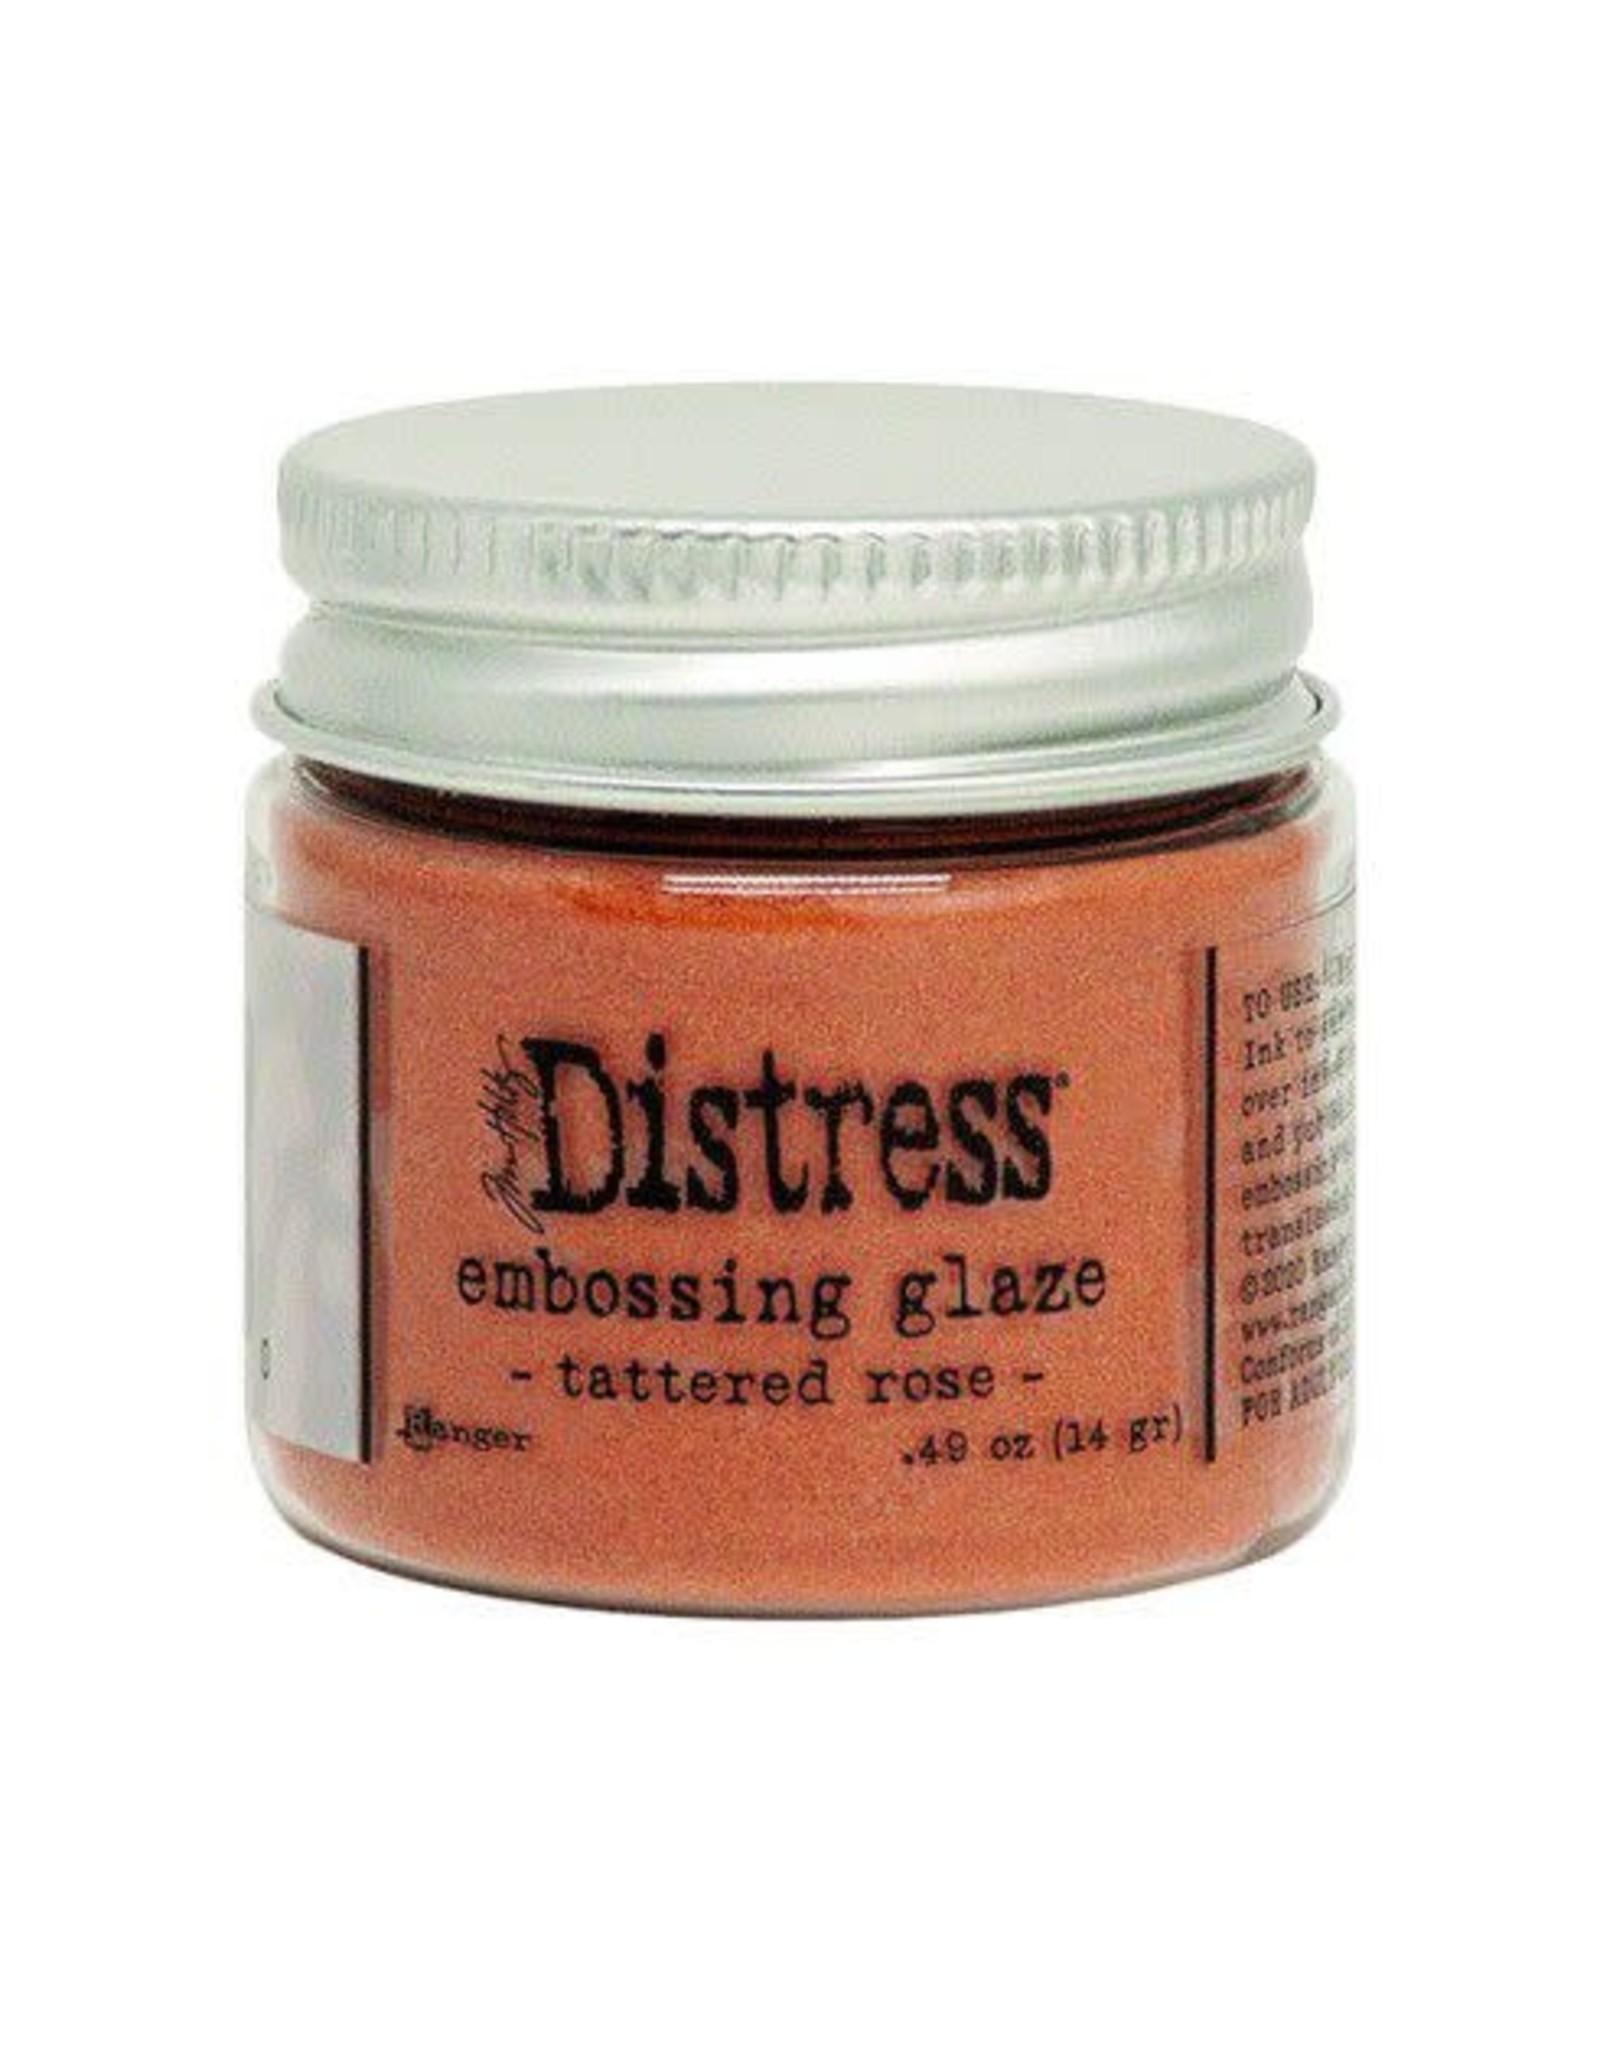 Ranger Ranger Distress Embossing Glaze Tattered Rose TDE71020 Tim Holtz